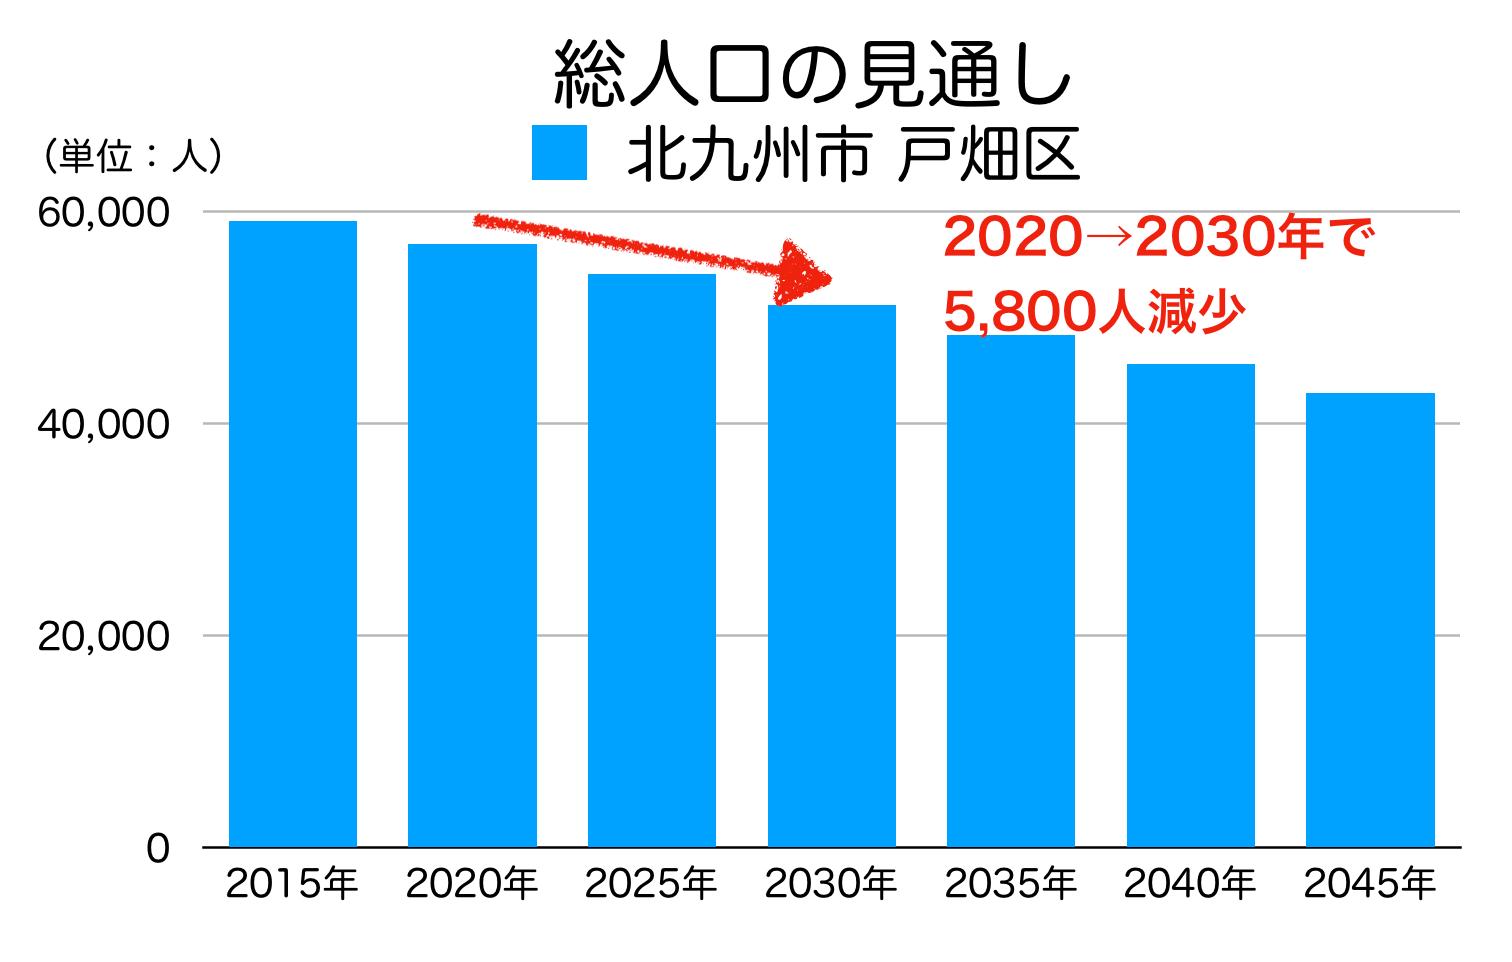 北九州市戸畑区の人口予測